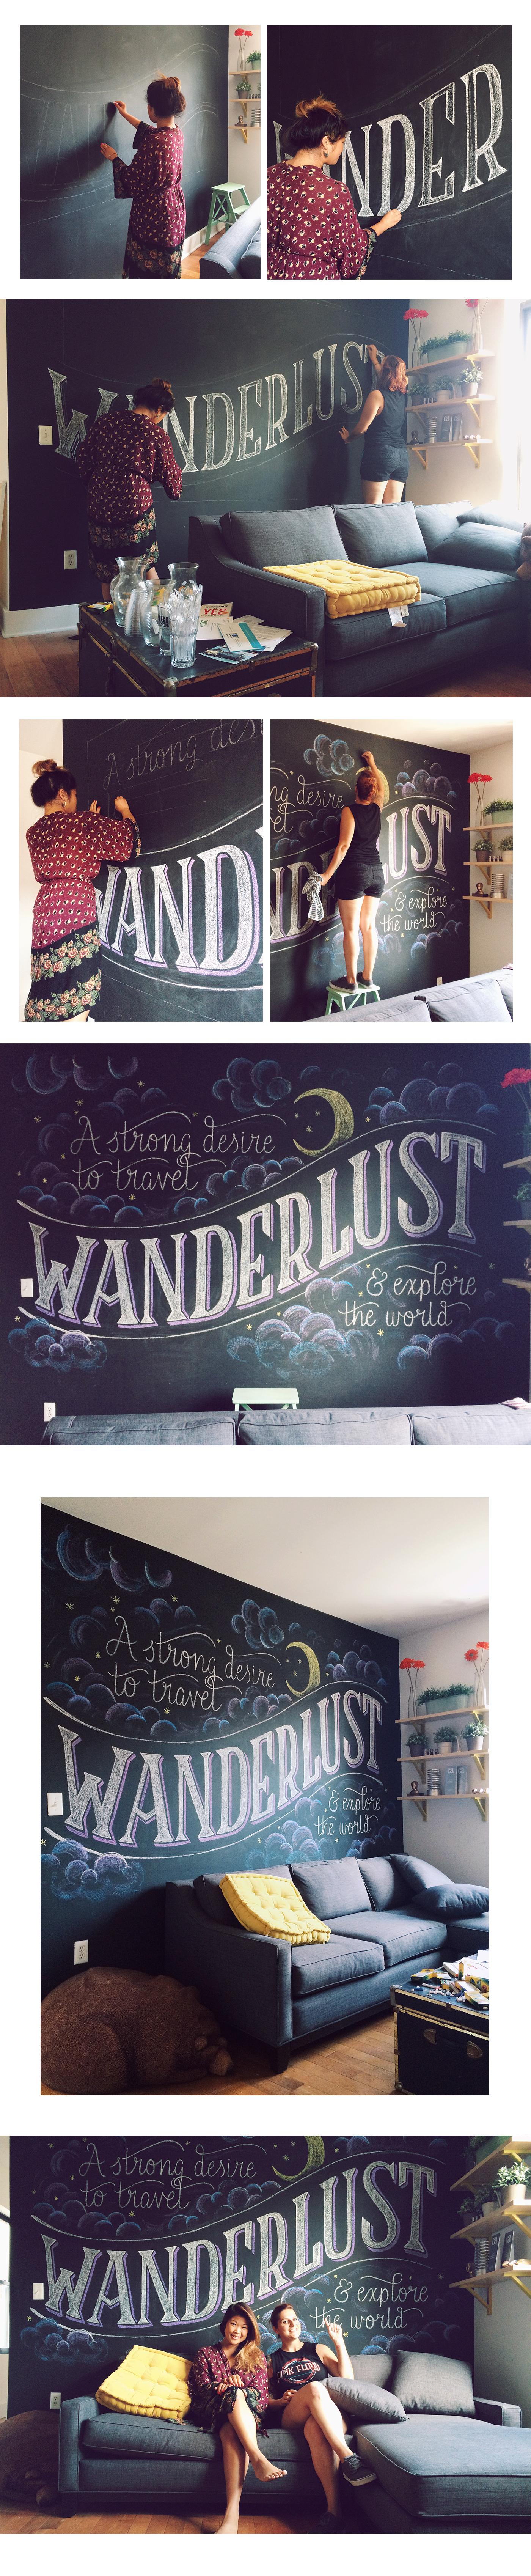 chalk lettering wanderlust Travel explore world